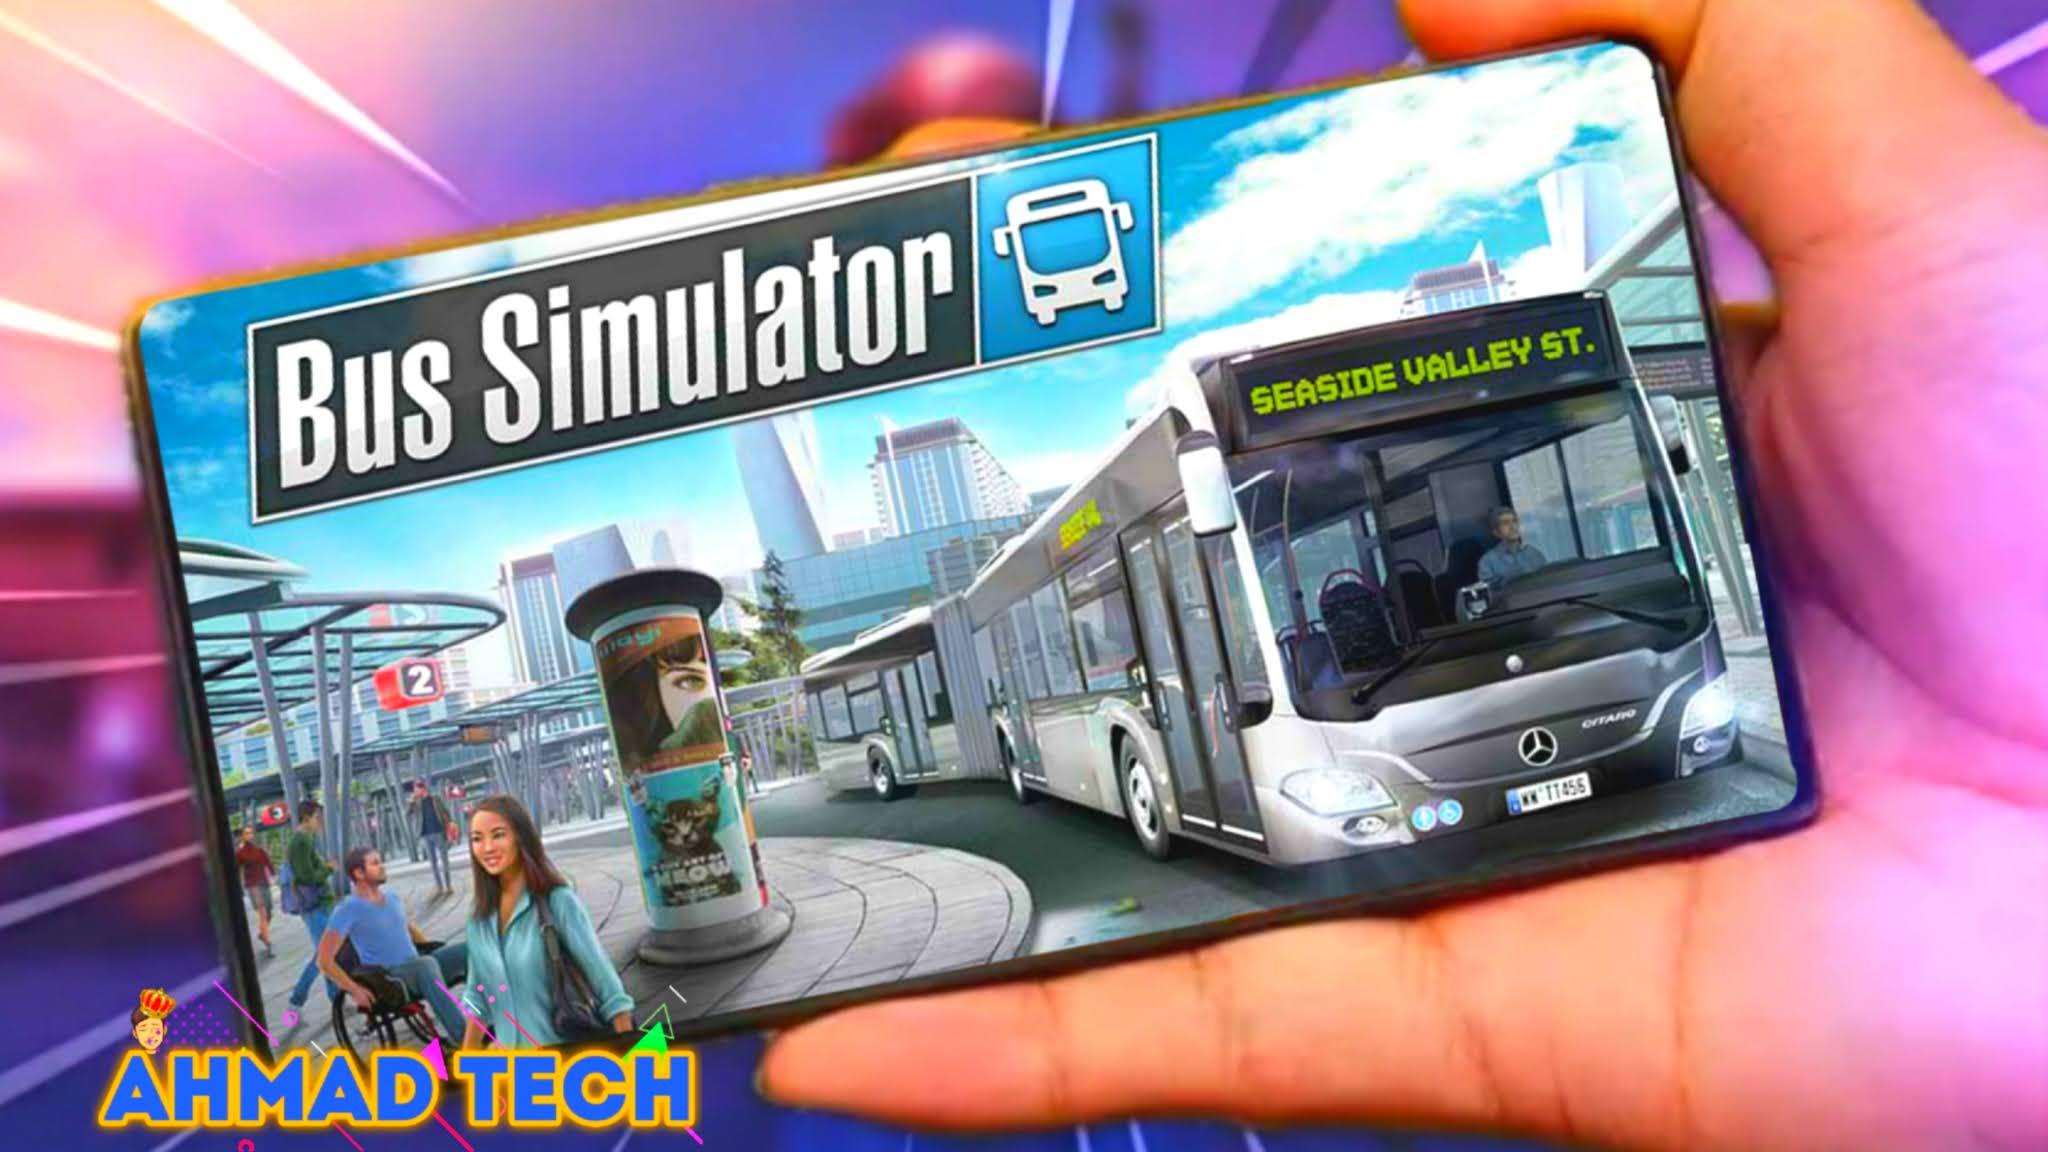 جيم بلاي محاكات الحافلة Bus Simulator و طريقة تنزيلها على الأندرويد +HD